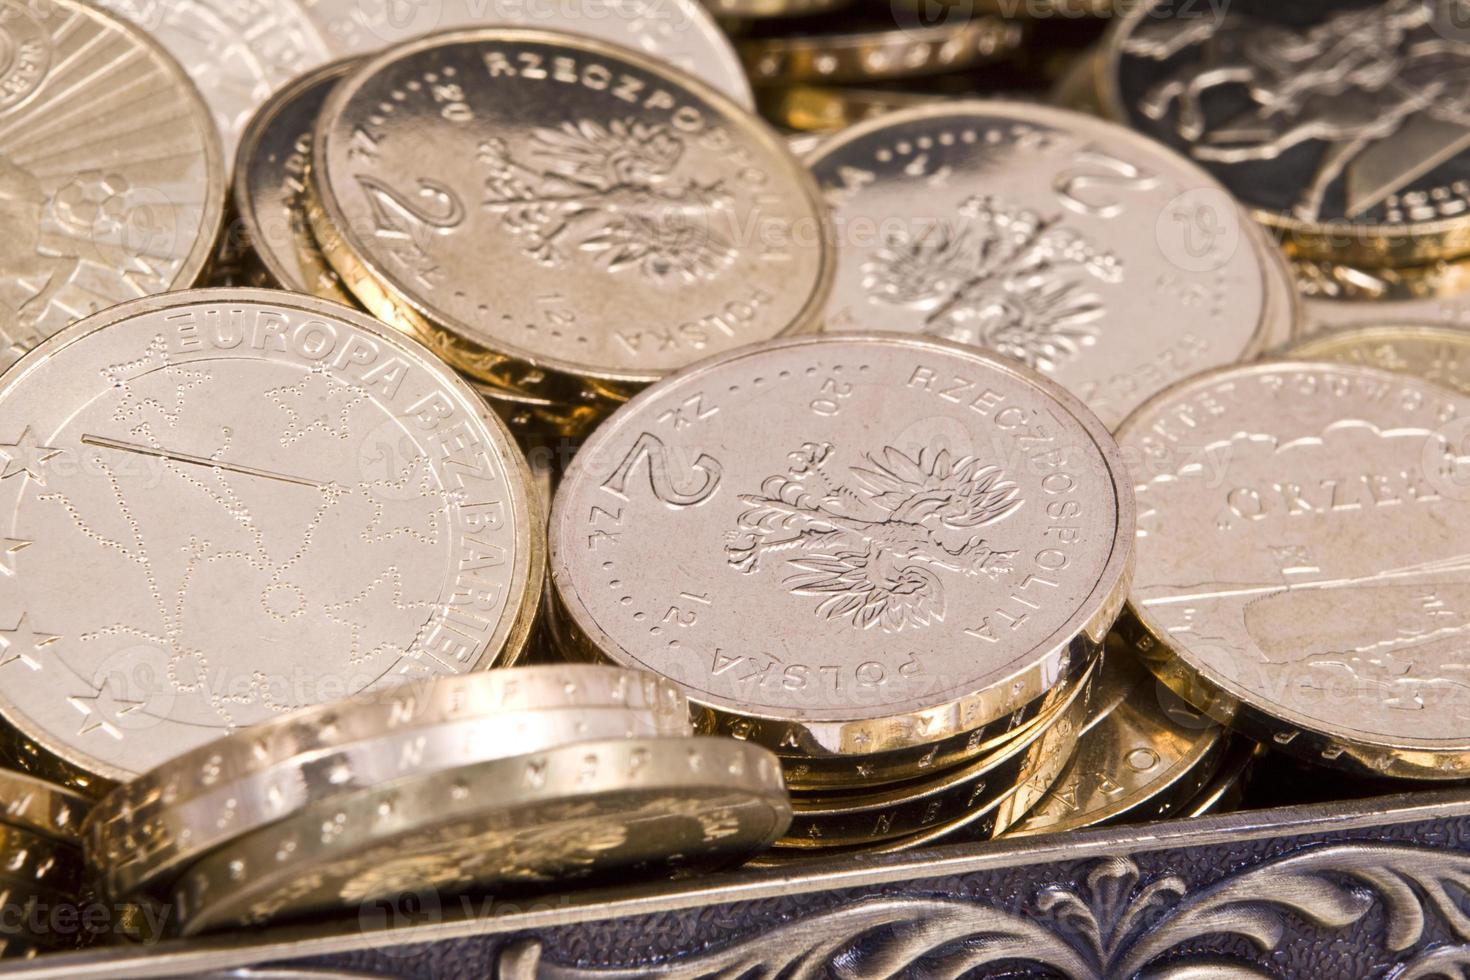 monete zlote pln polacche foto